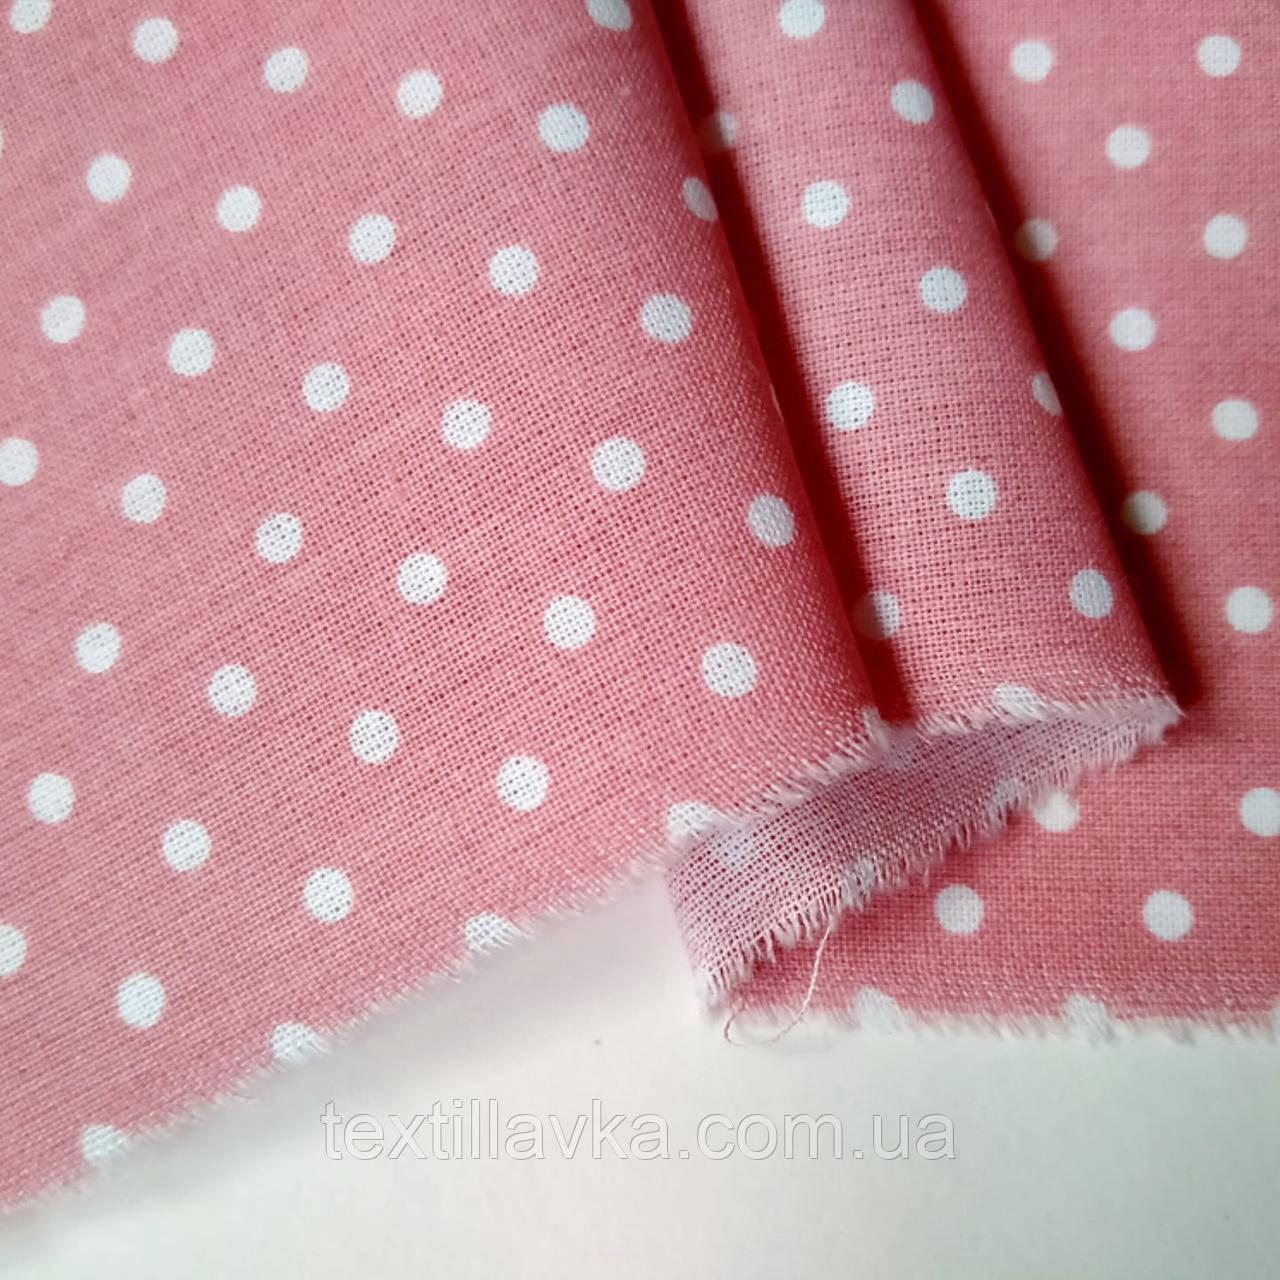 Ткань хлопок для рукоделия горошек 4мм на грязно-розовом